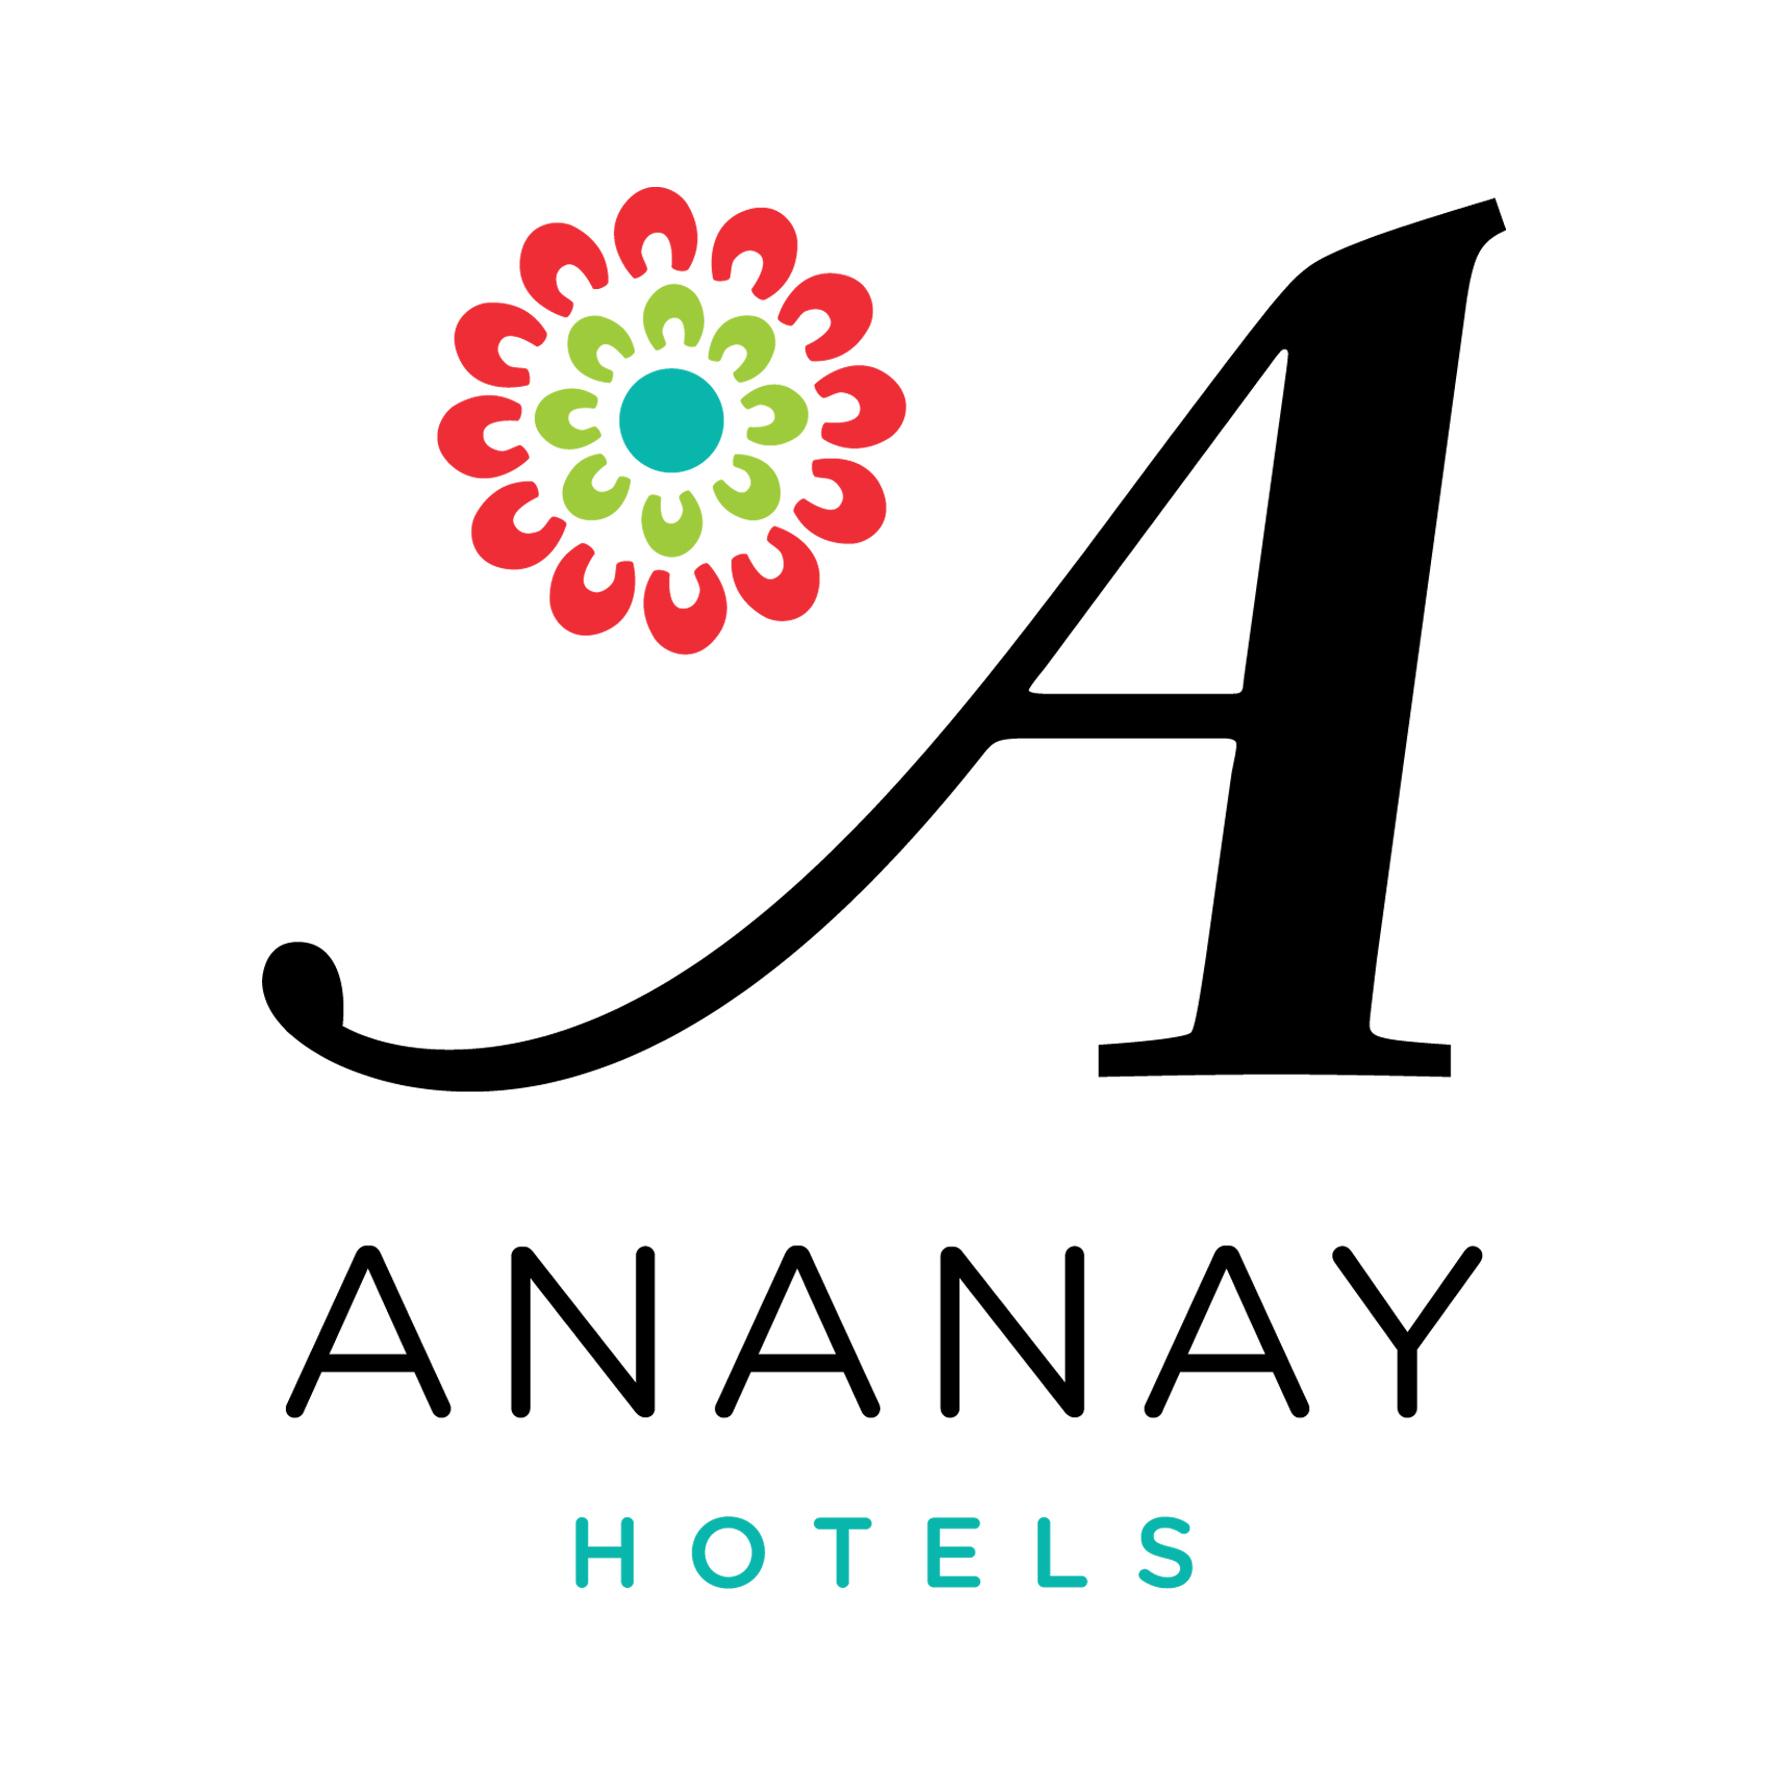 Hotels Ananay aliados de Arbio en la conservación del bosque amazónico